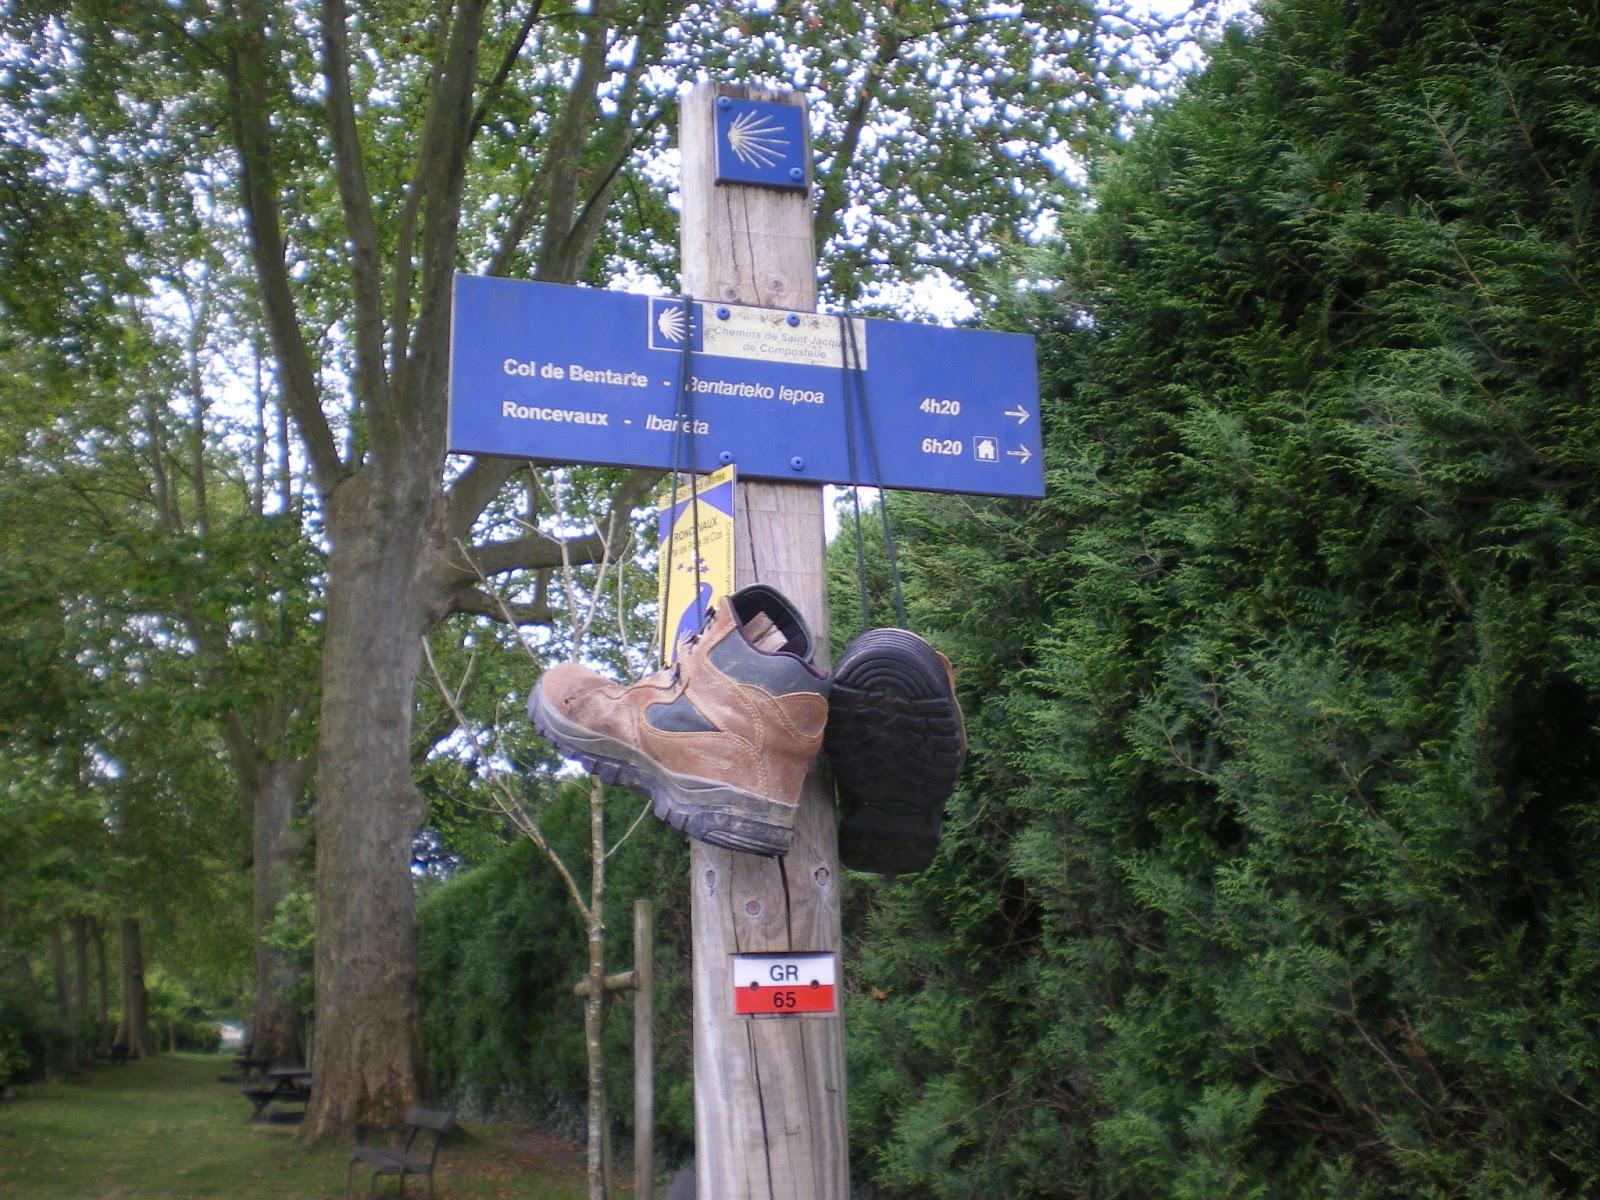 Tridente etapa saint jean pied de port roncesvalles - St jean pied de port to roncesvalles ...